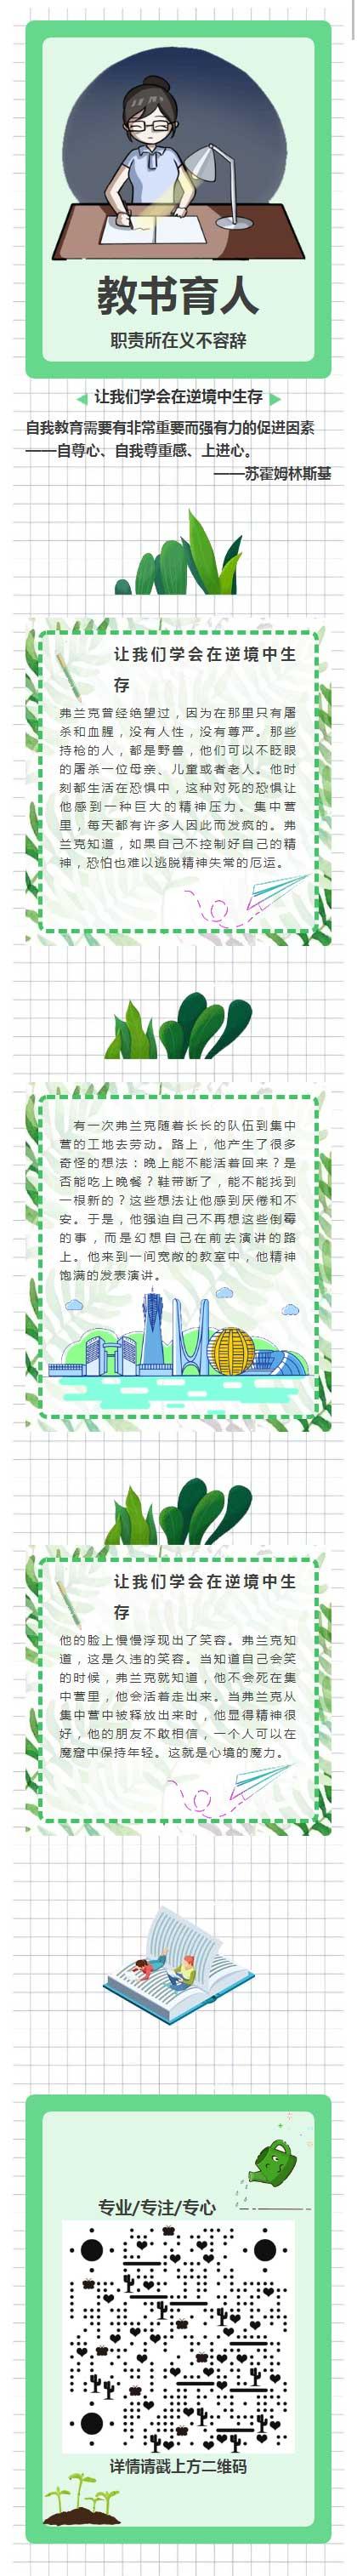 教书育人教育绿色清新风格文章模板背景